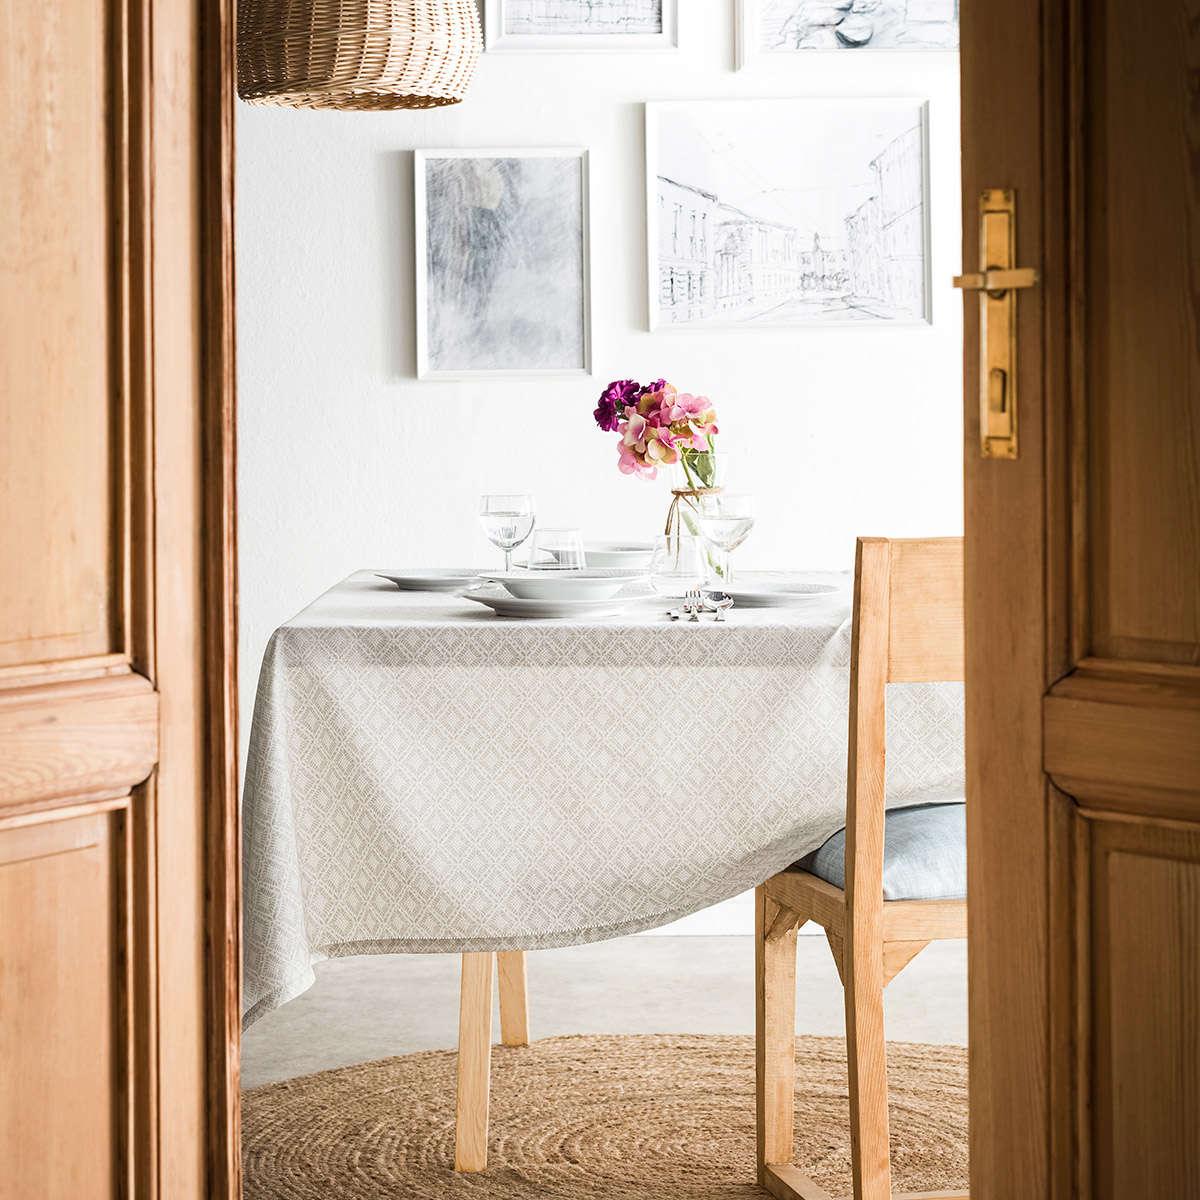 Τραπεζομάντηλο Delfina Beige 237/06 Gofis Home 150Χ300